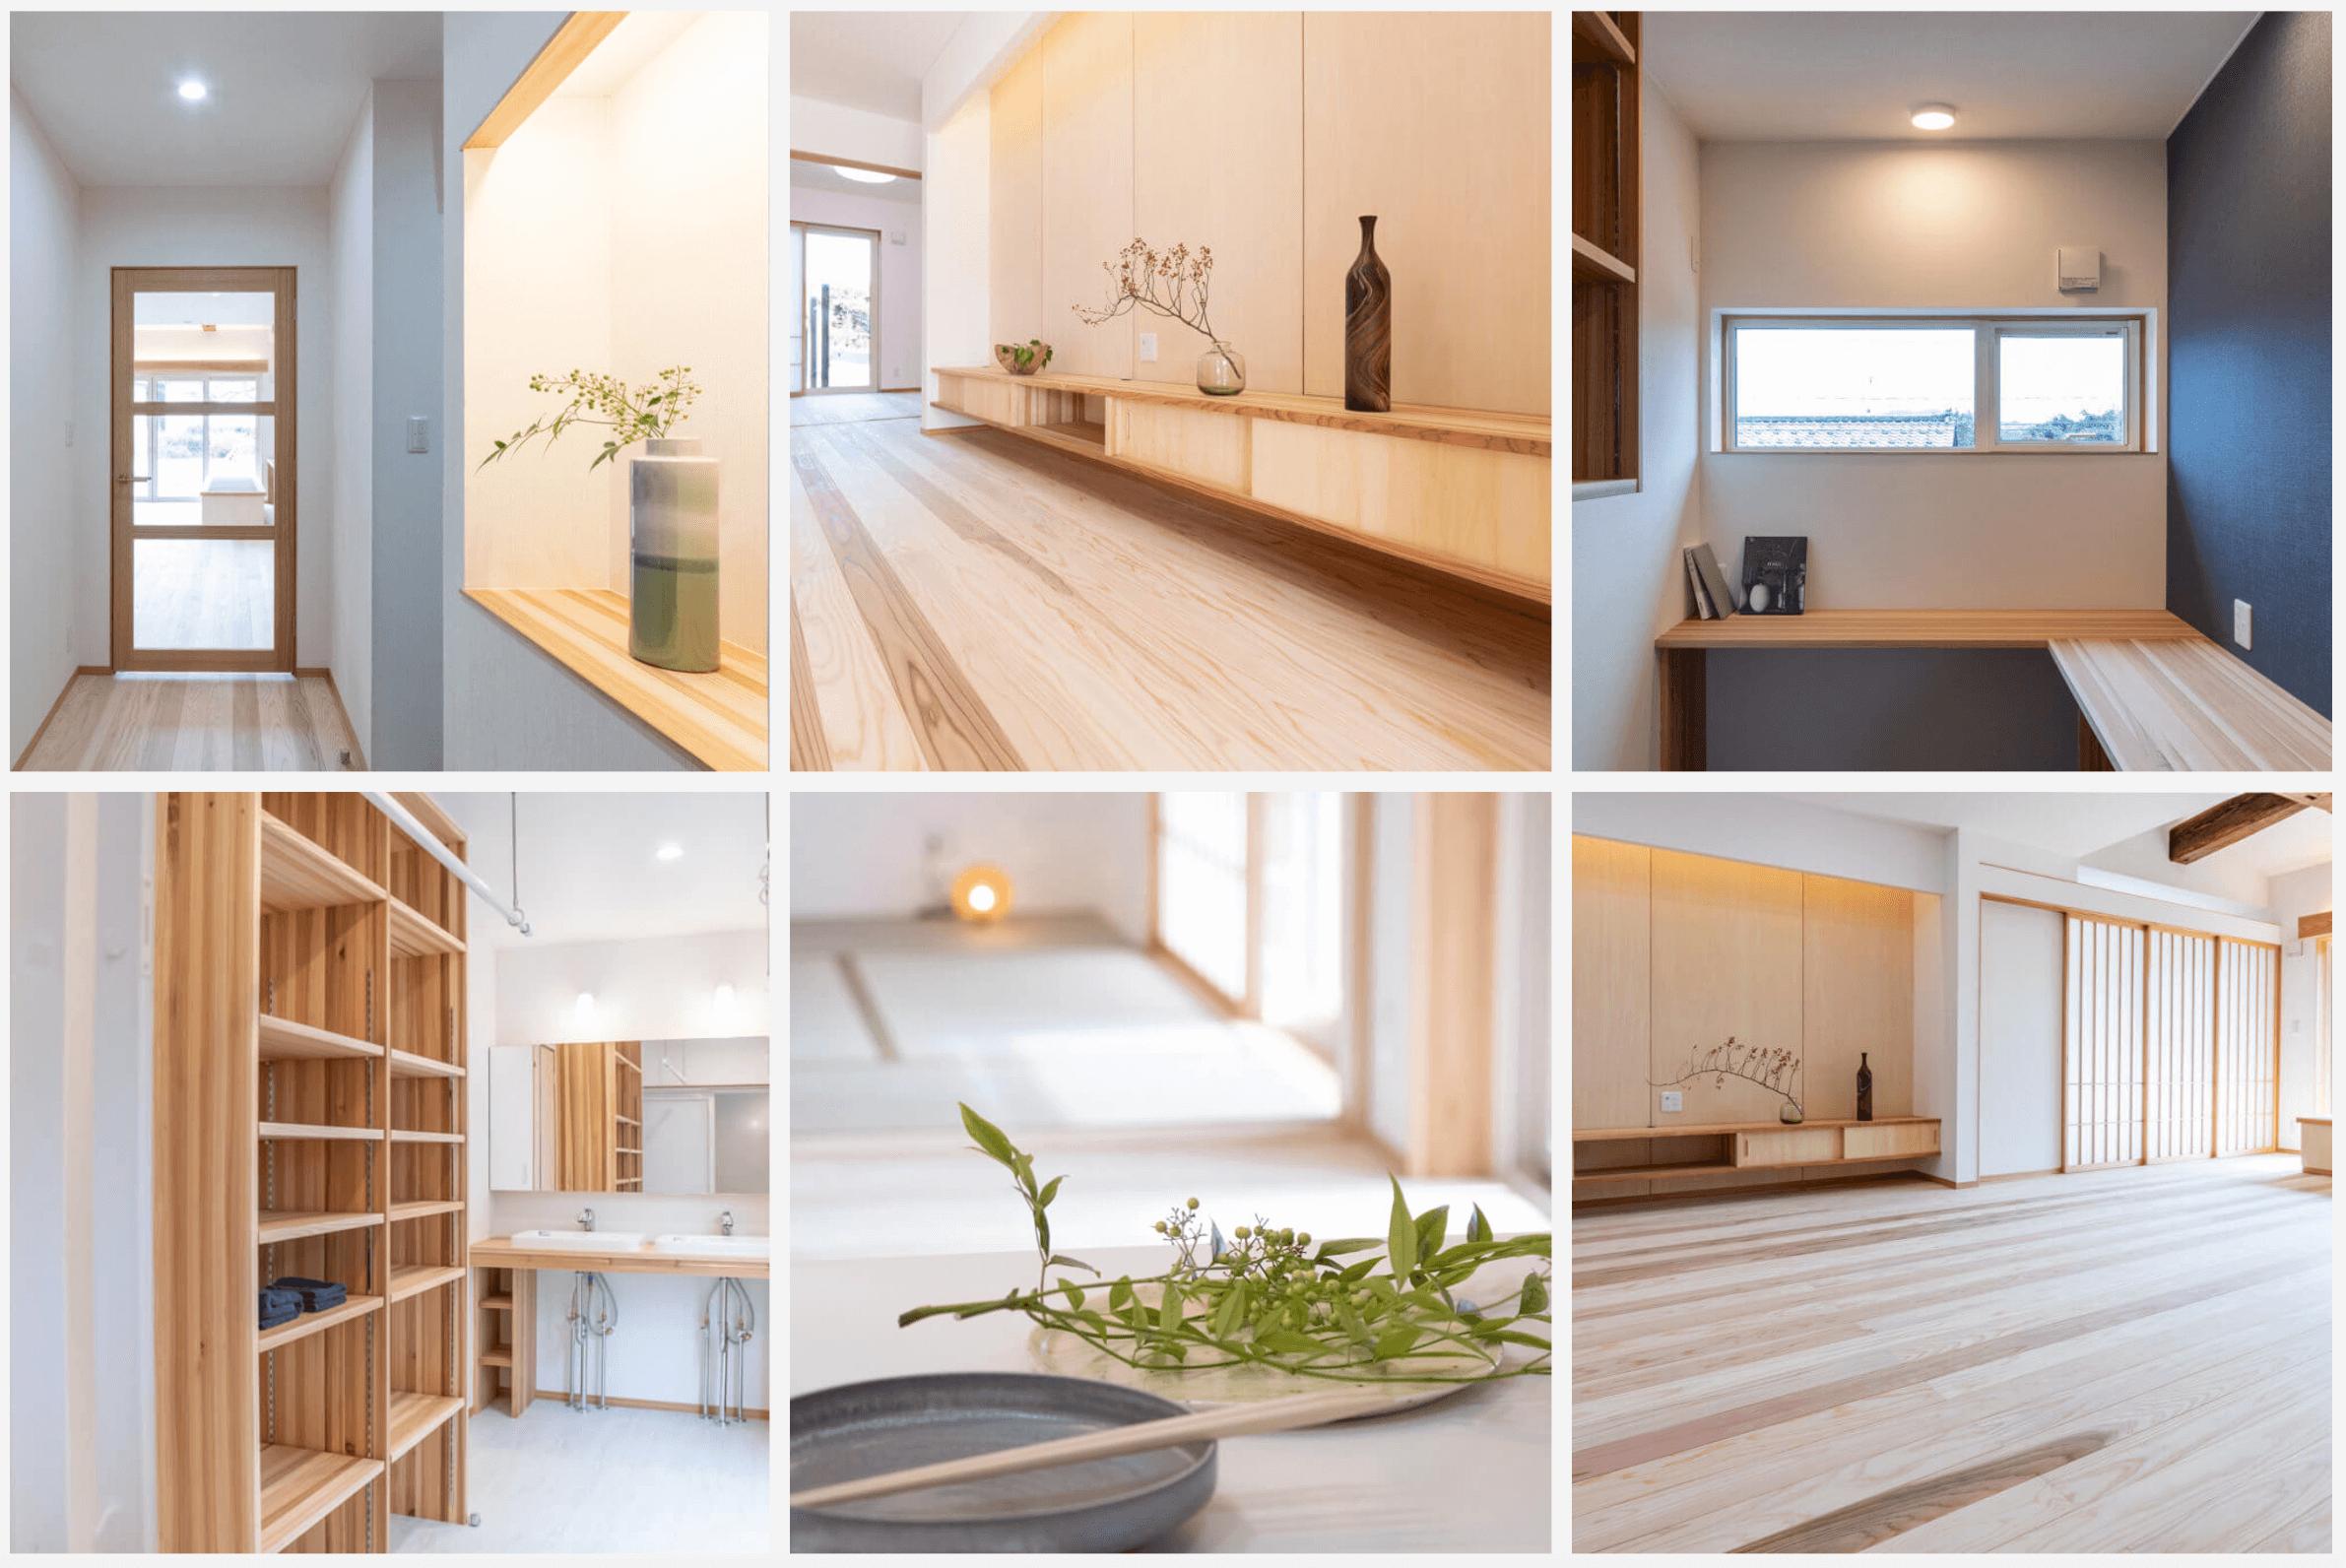 新潟県村上市の和風住宅竣工写真